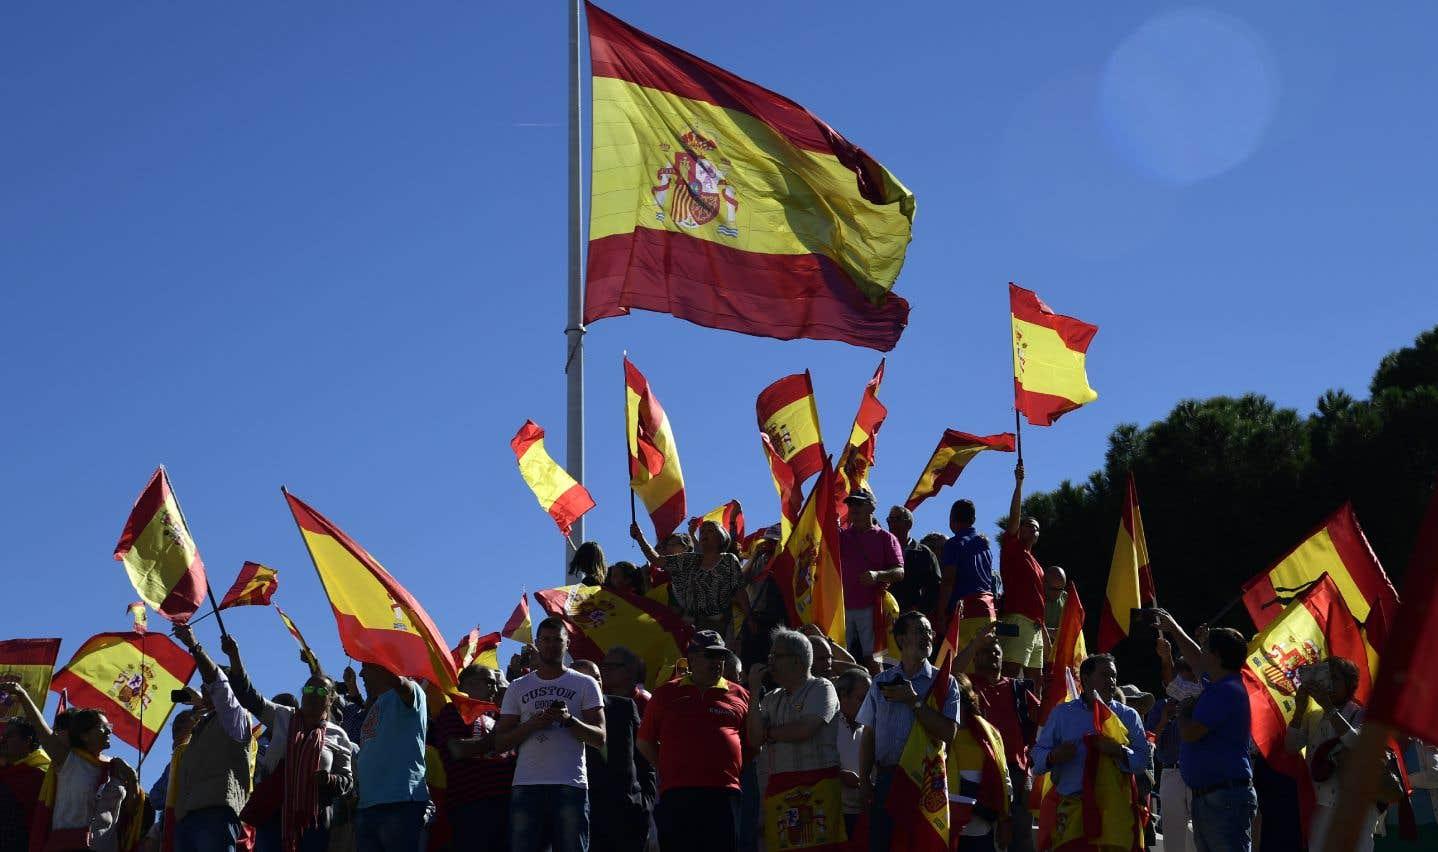 Les opposants à l'indépendance catalane manifestent et appellent au dialogue